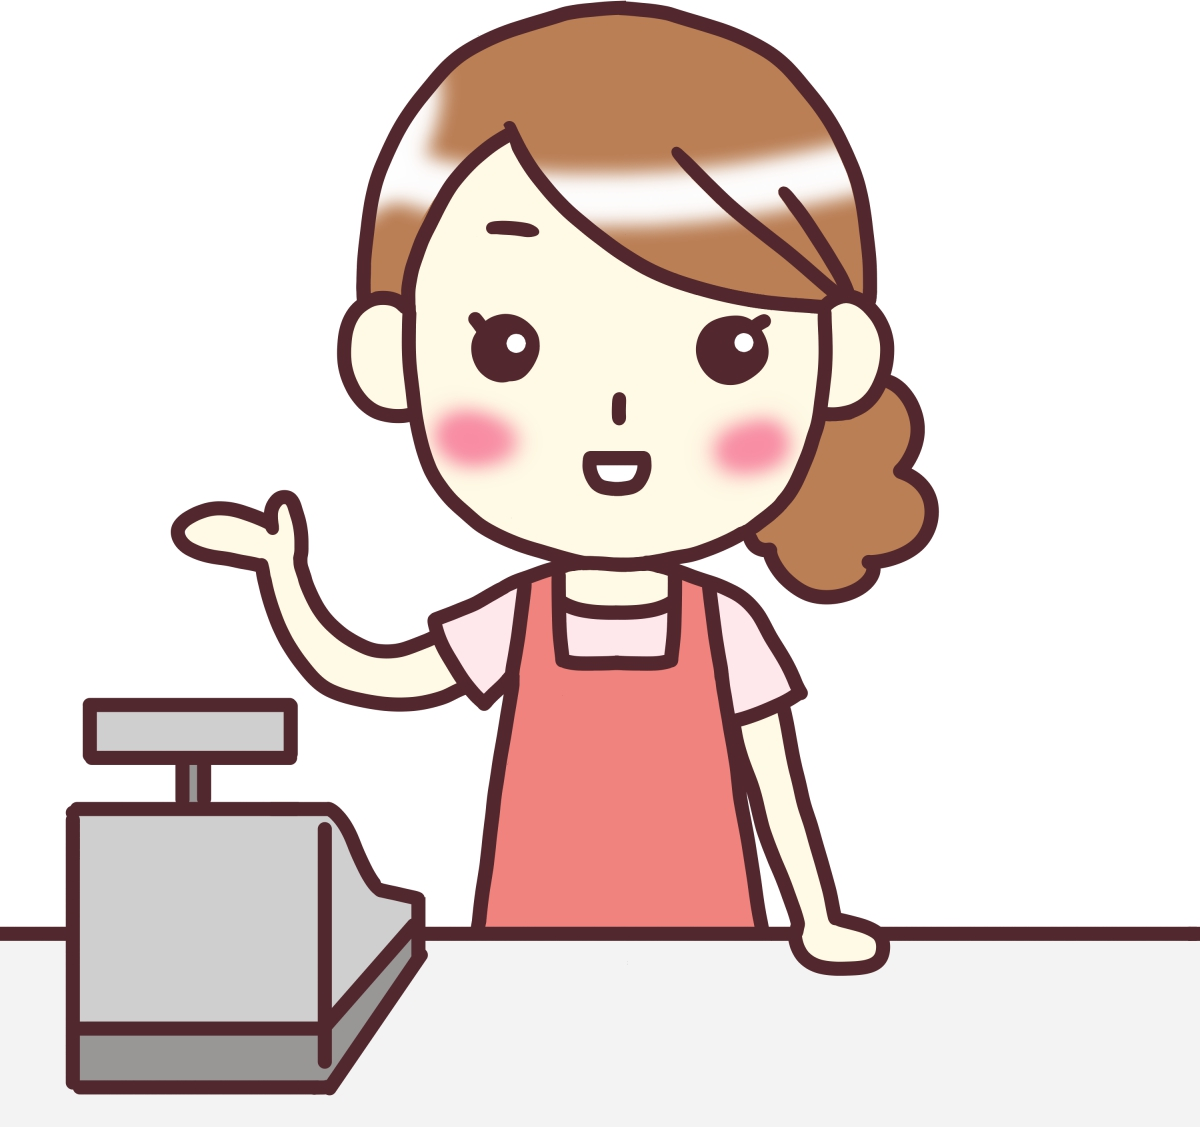 お菓子の販売 イメージ